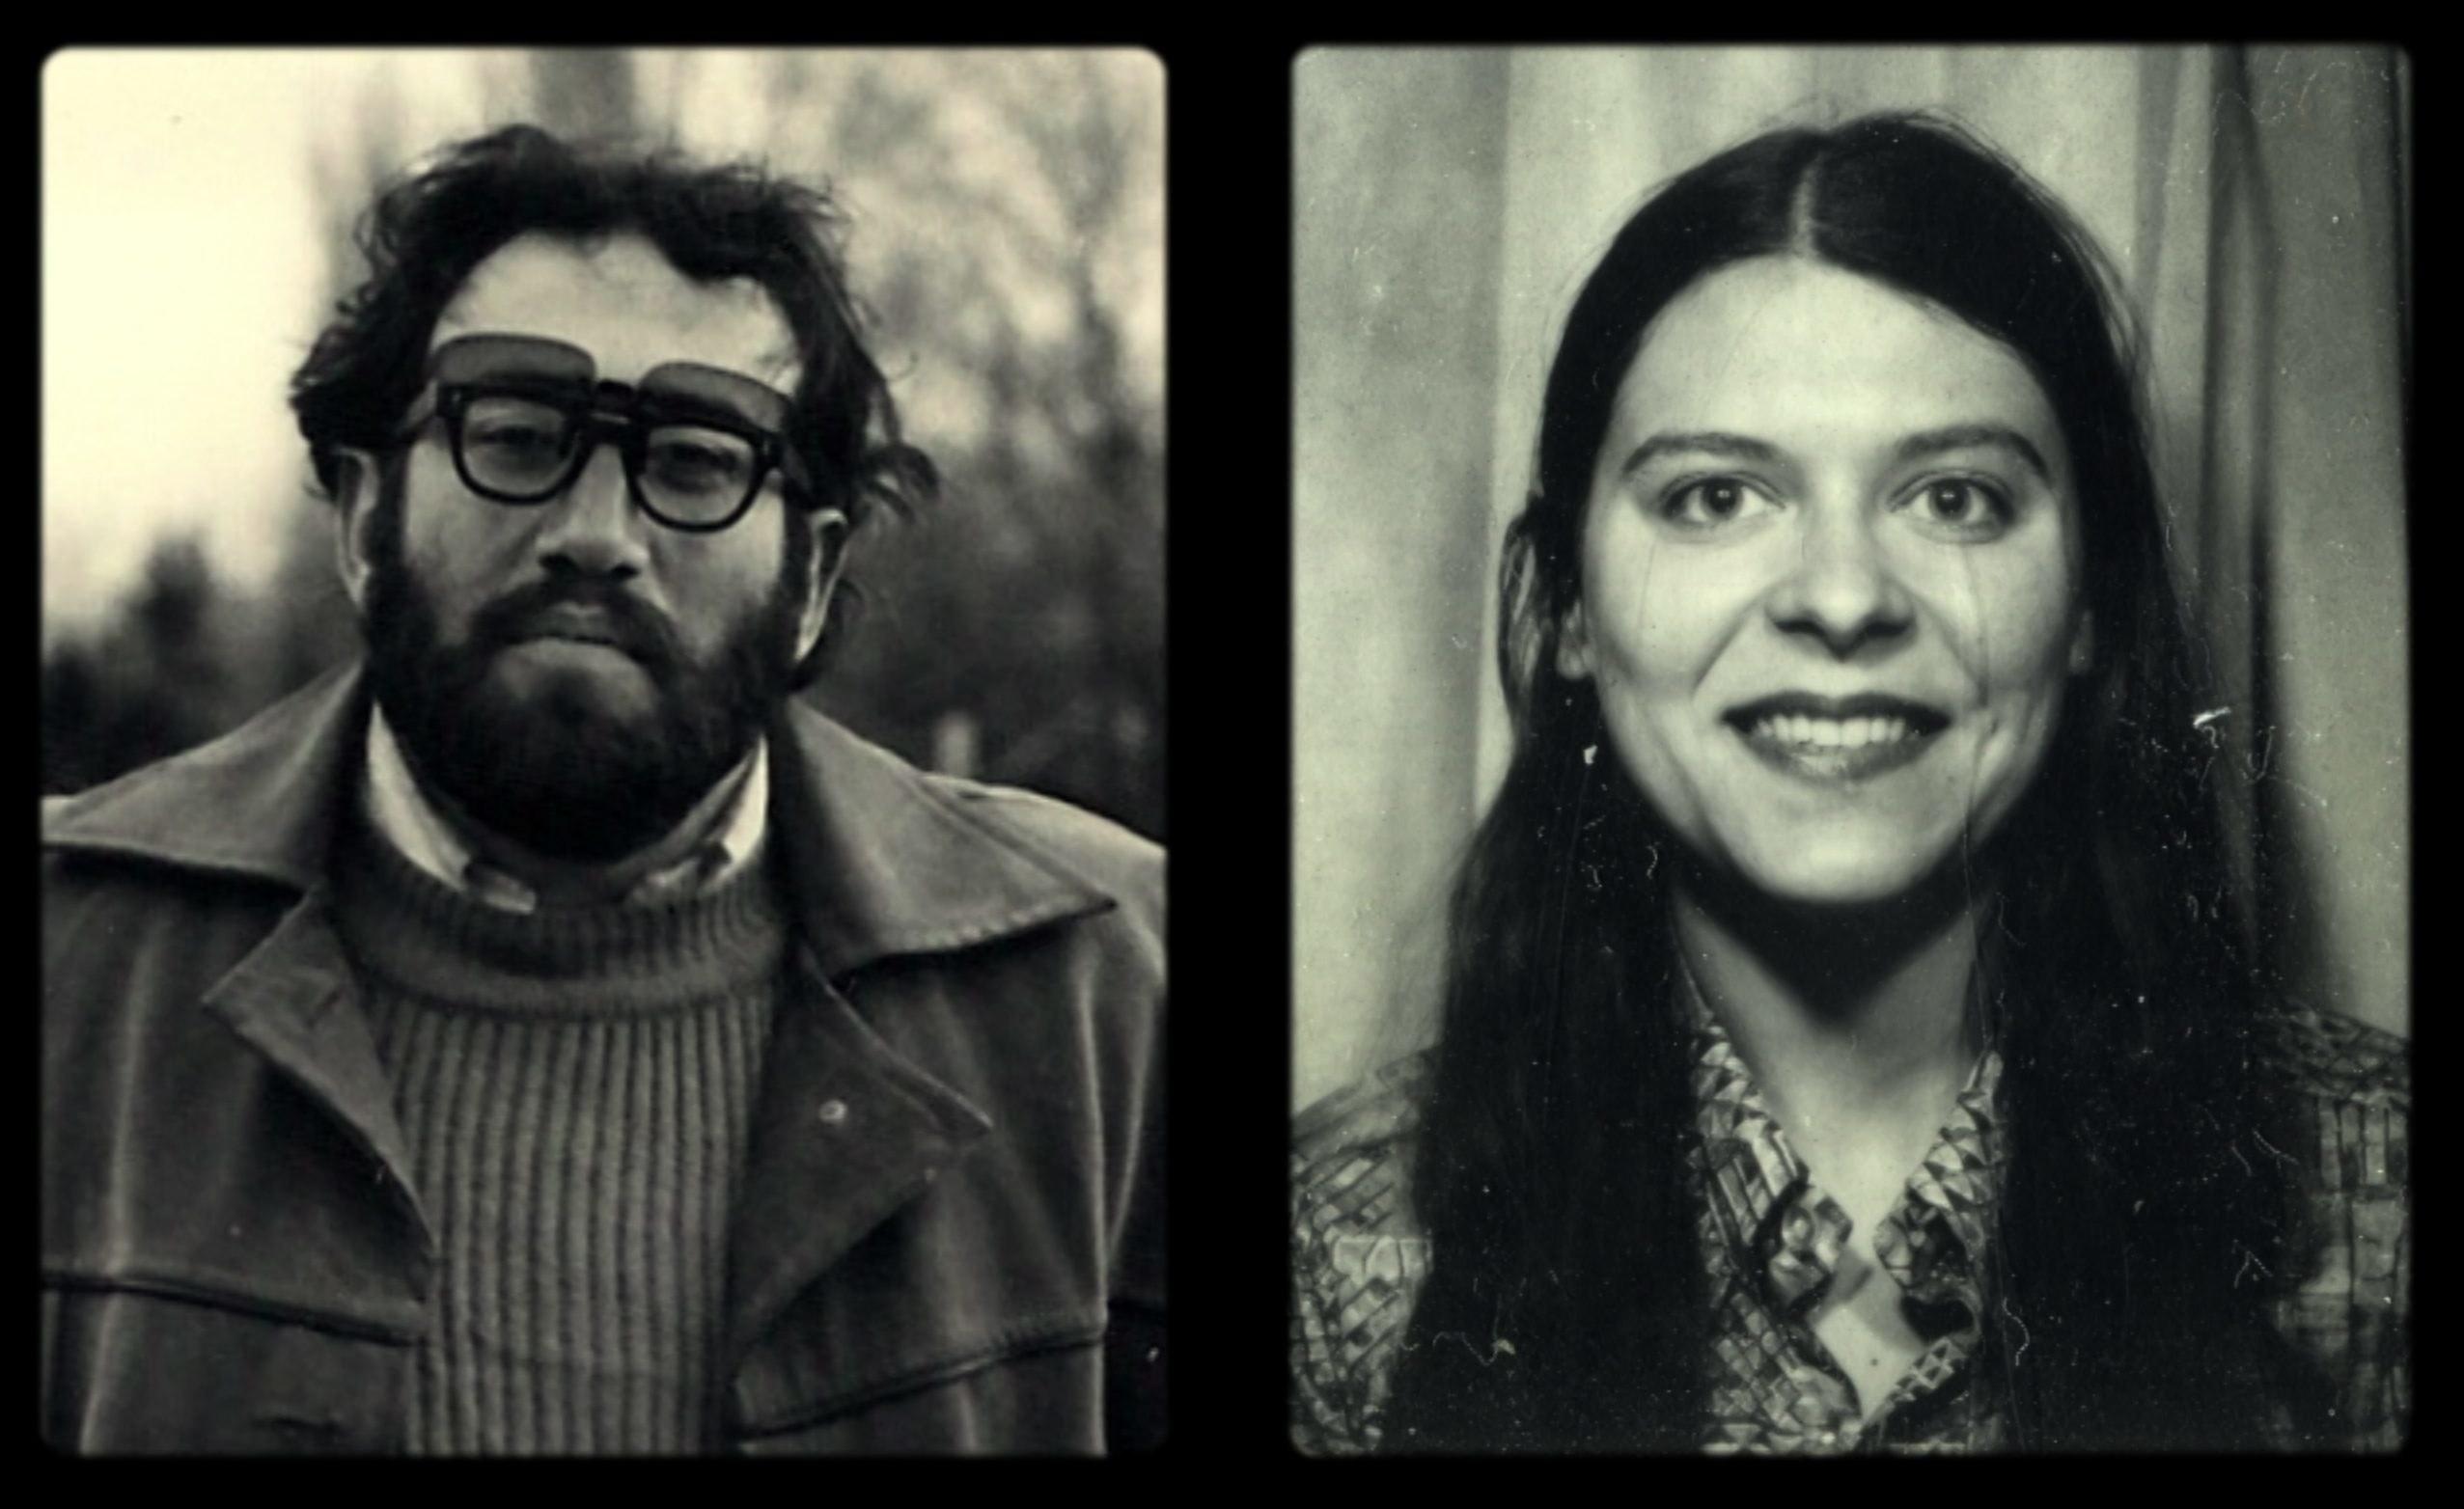 Foto de hombre en blanco y negro y foto de mujer en blanco y negro